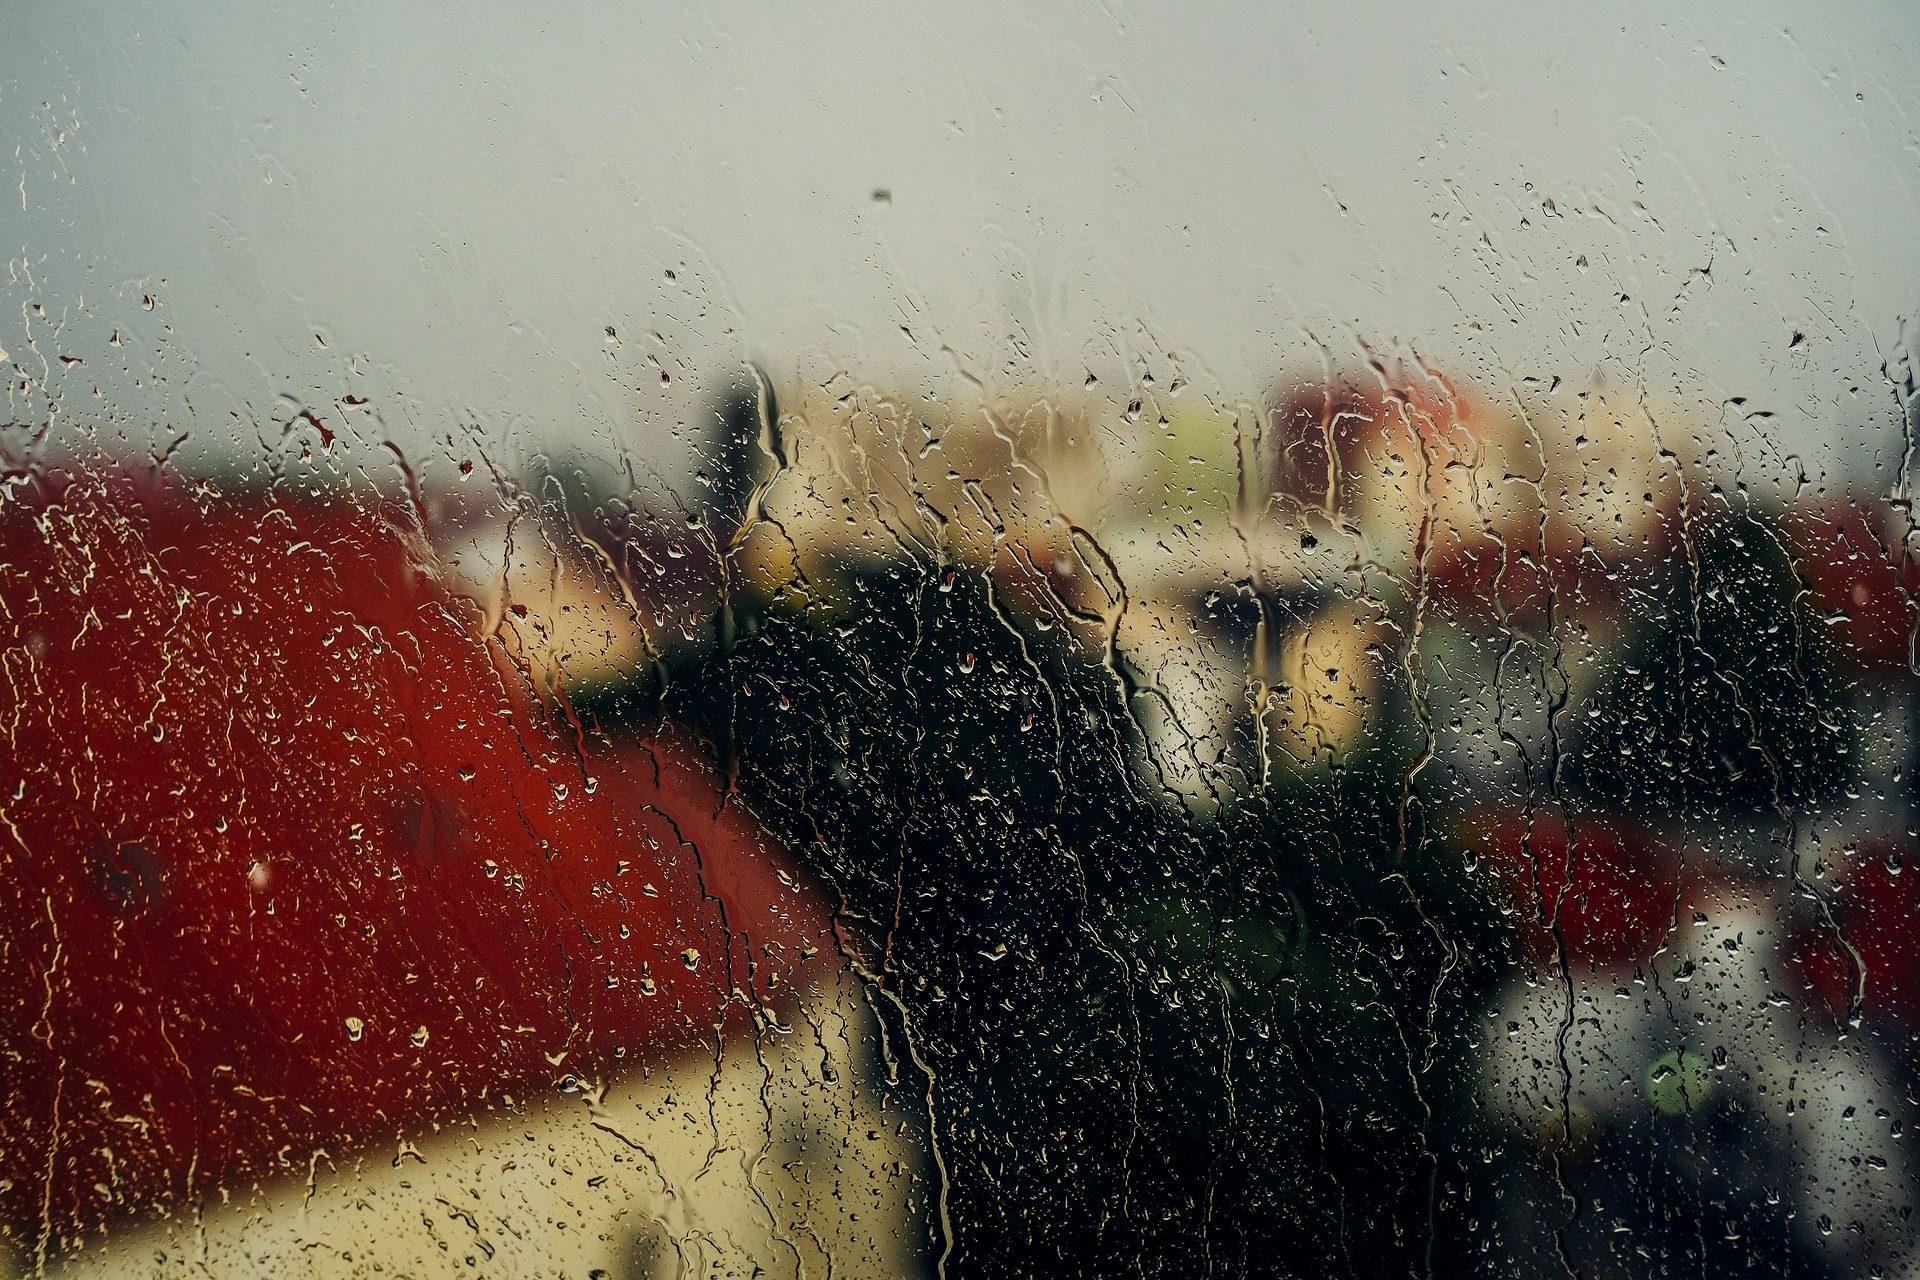 fenêtre de, eau, pluie, DROPS numéro, maisons, Floue, floue - Fonds d'écran HD - Professor-falken.com